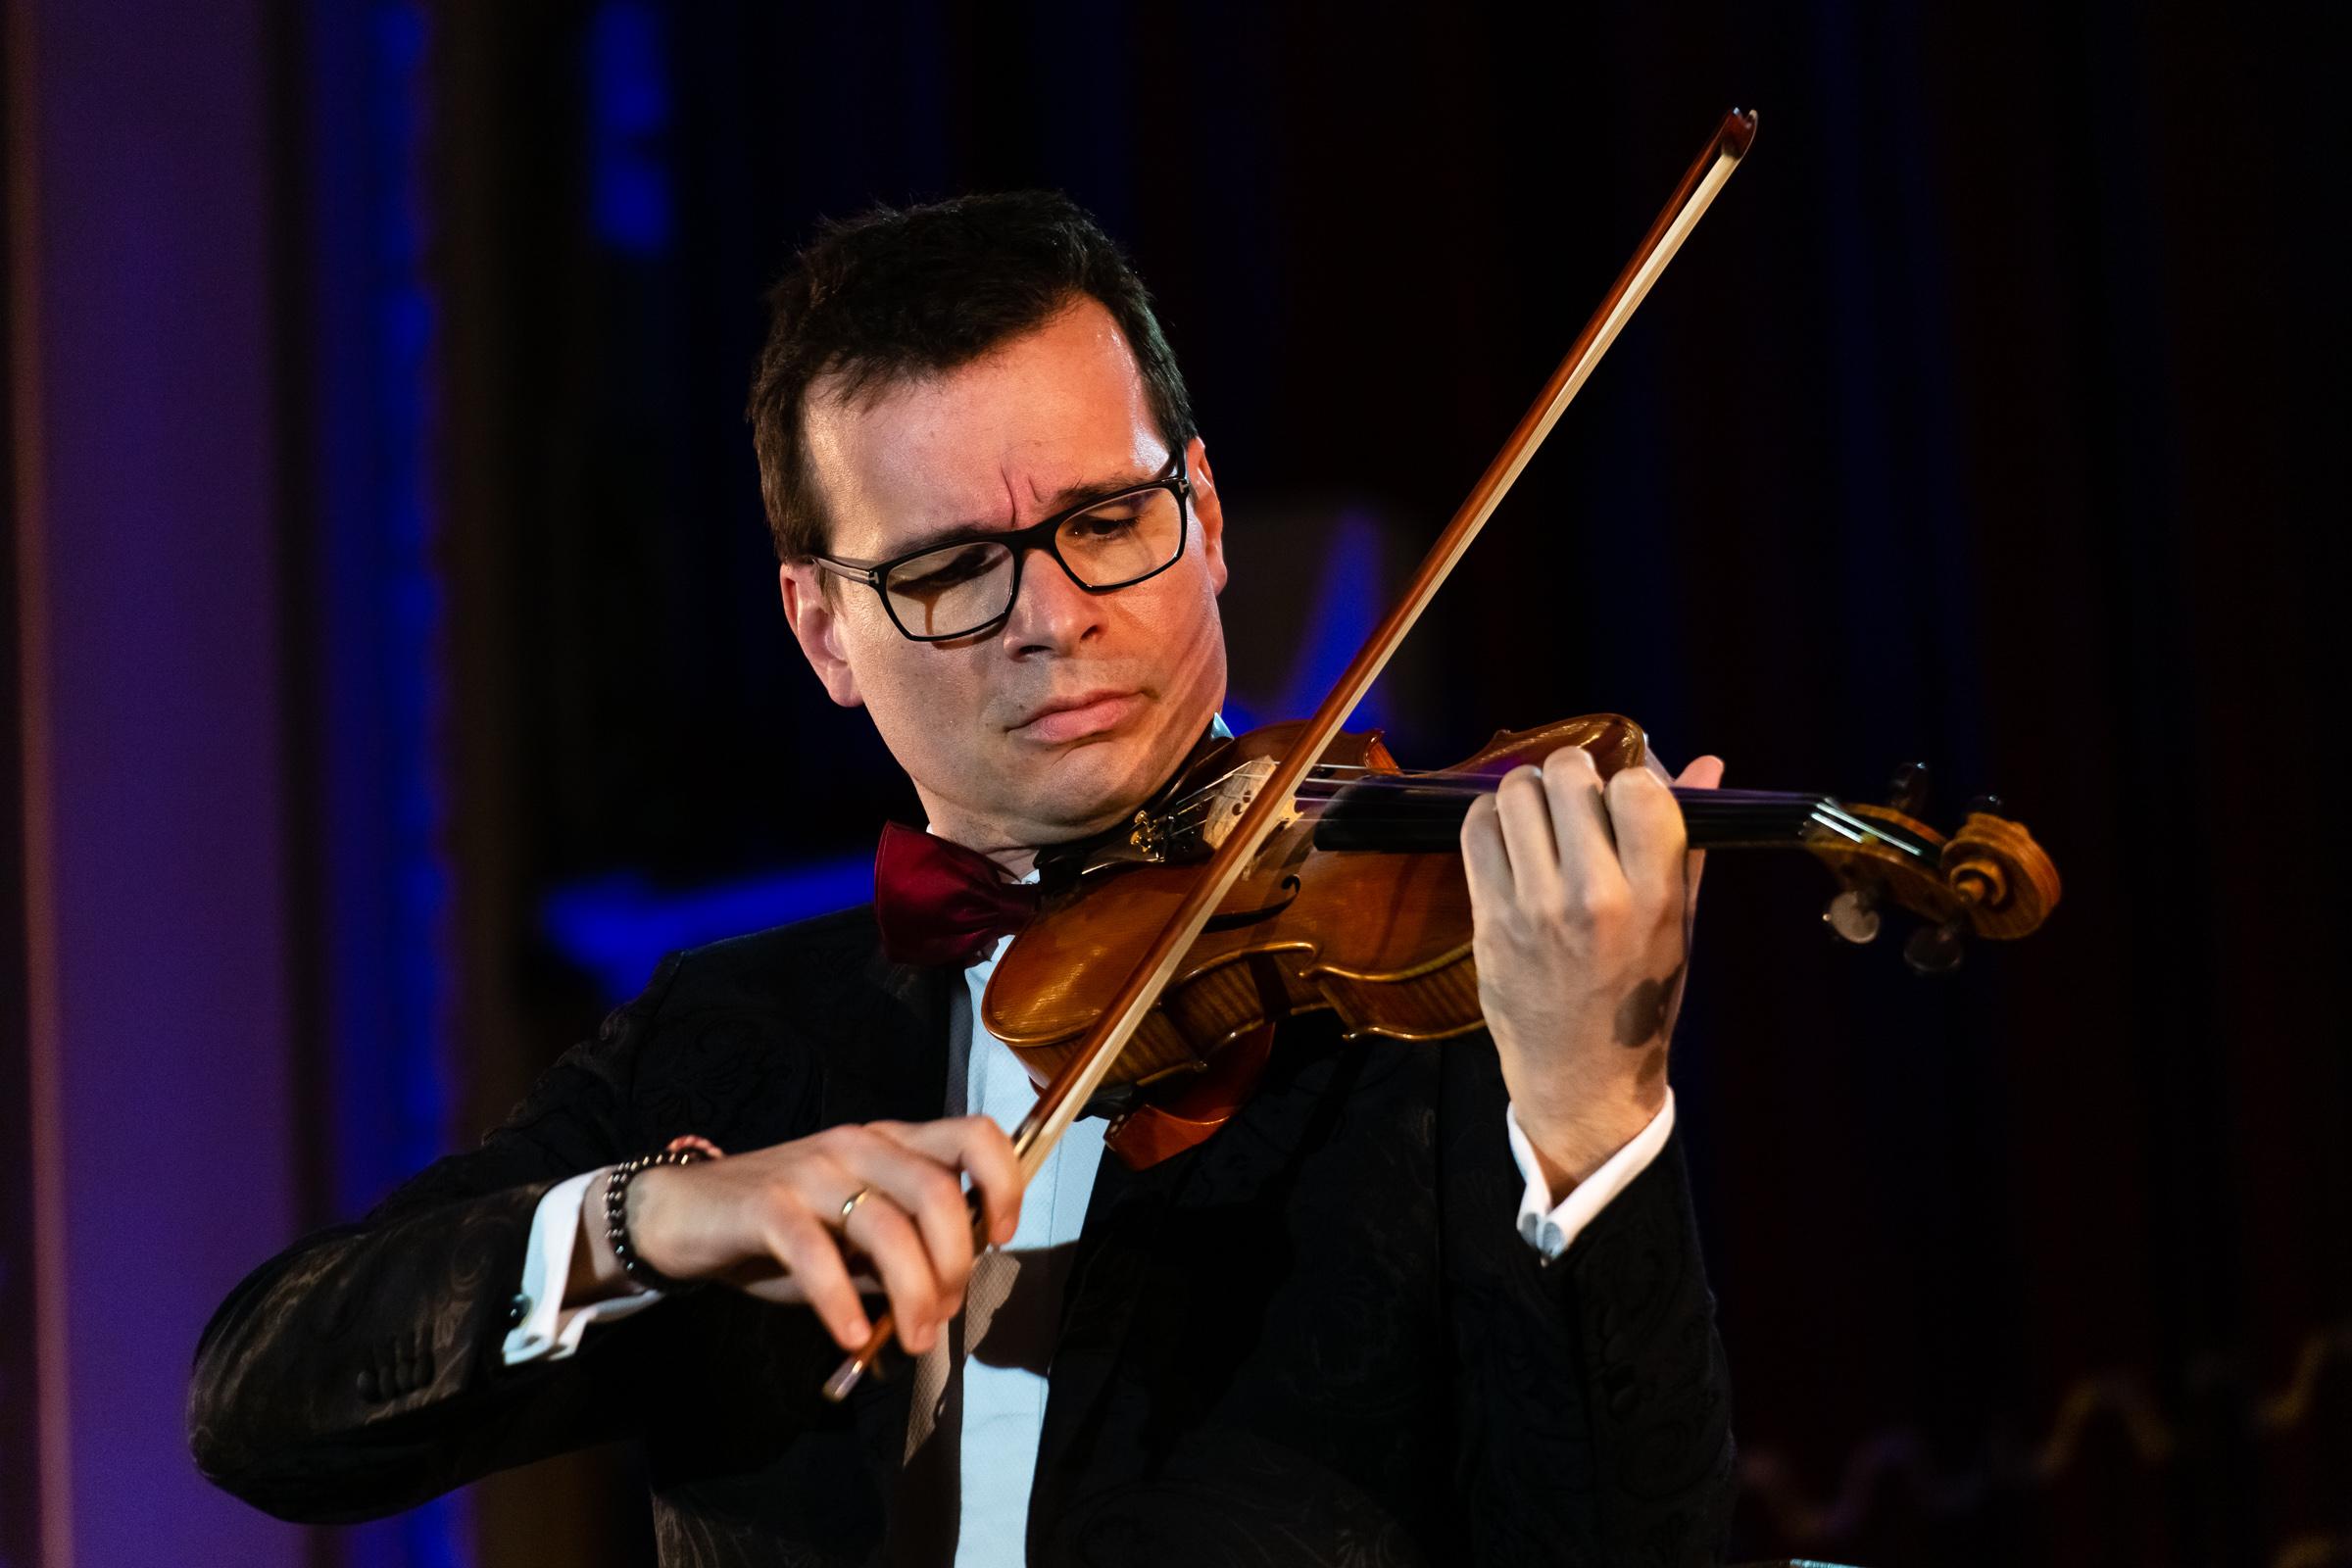 Alexandru Tomescu_Hope Concert 2019_Foto Mihnea Ciulei.jpg